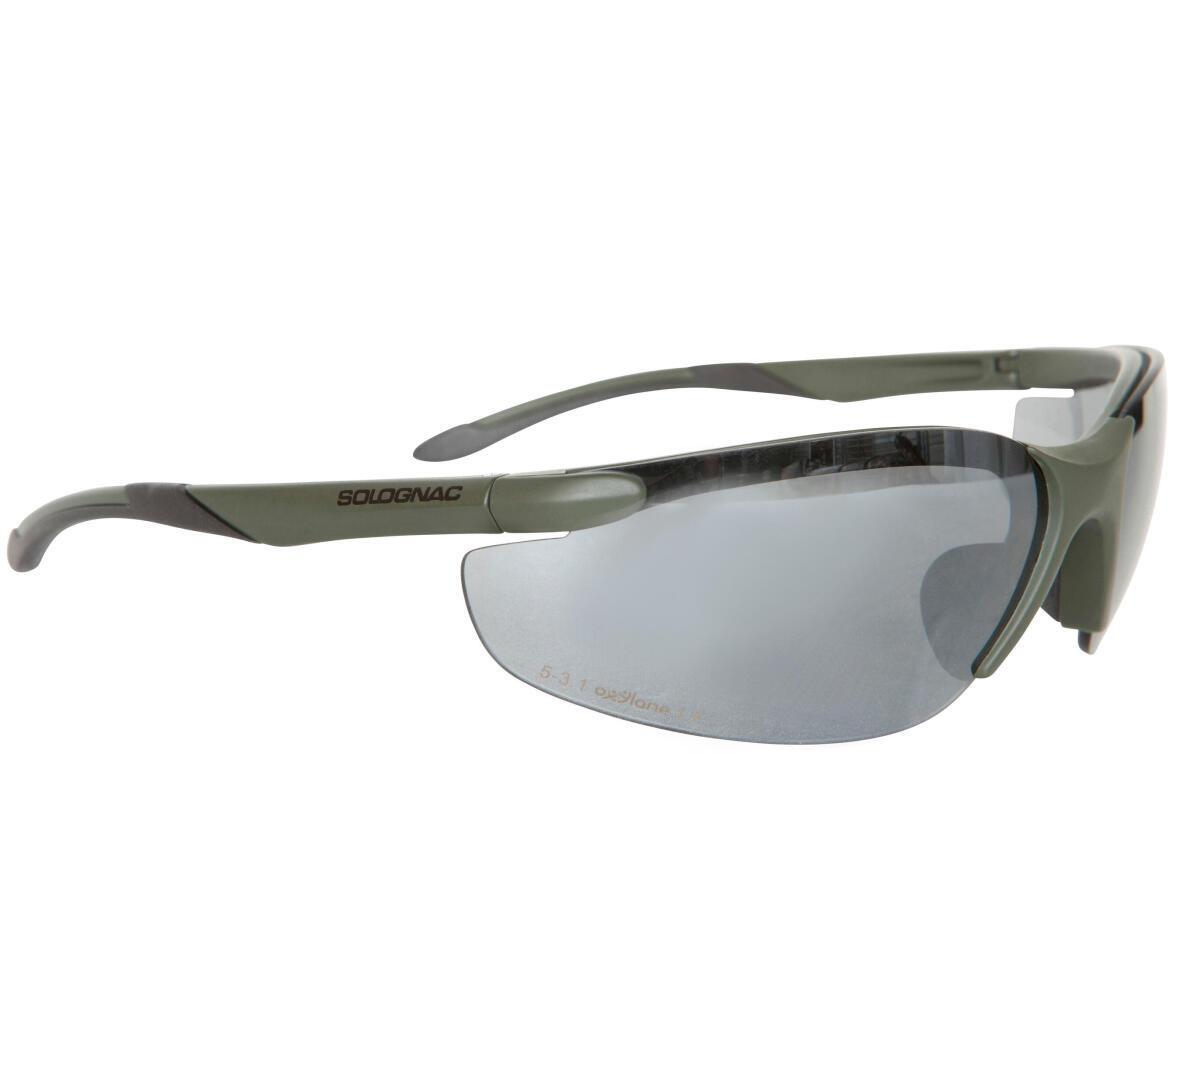 lunette solognac solaire vert